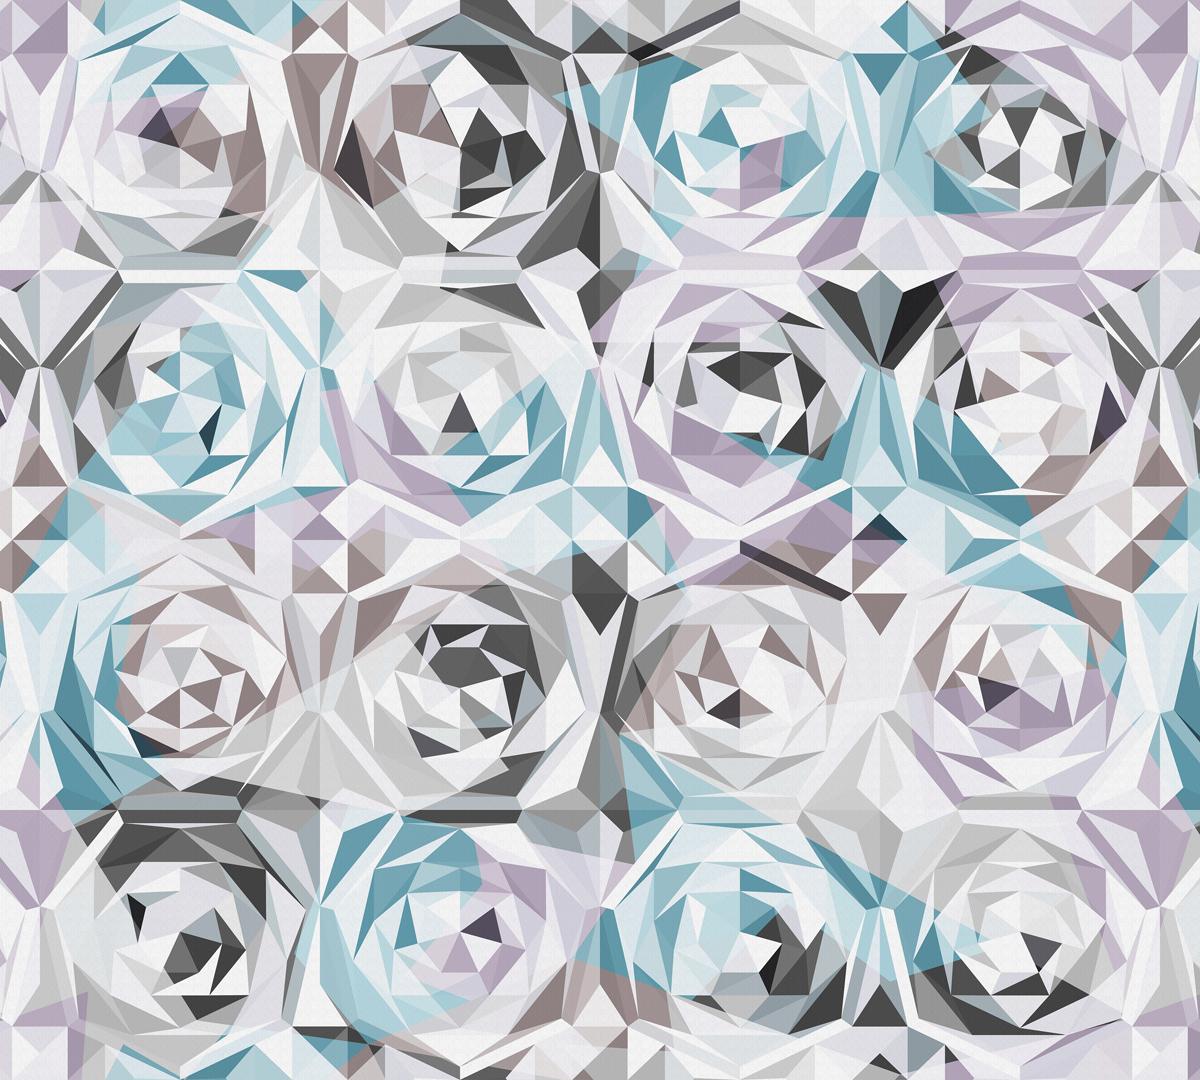 Фотообои Barton Wallpapers Цветы, 300 x 270 см. F27703F27703Фотообои Barton Wallpapers позволят создать неповторимый облик помещения, в котором они размещены. Фотообои наносятся на стены тем же способом, что и обычные обои. Рельефная структура основы делает фотообои необычными, неповторимыми, глубокими и манящими.Фотообои снова вошли в нашу жизнь, став модным направлением декорирования интерьера. Выбрав правильную фактуру и сюжет изображения можно добиться невероятного эффекта живого присутствия.